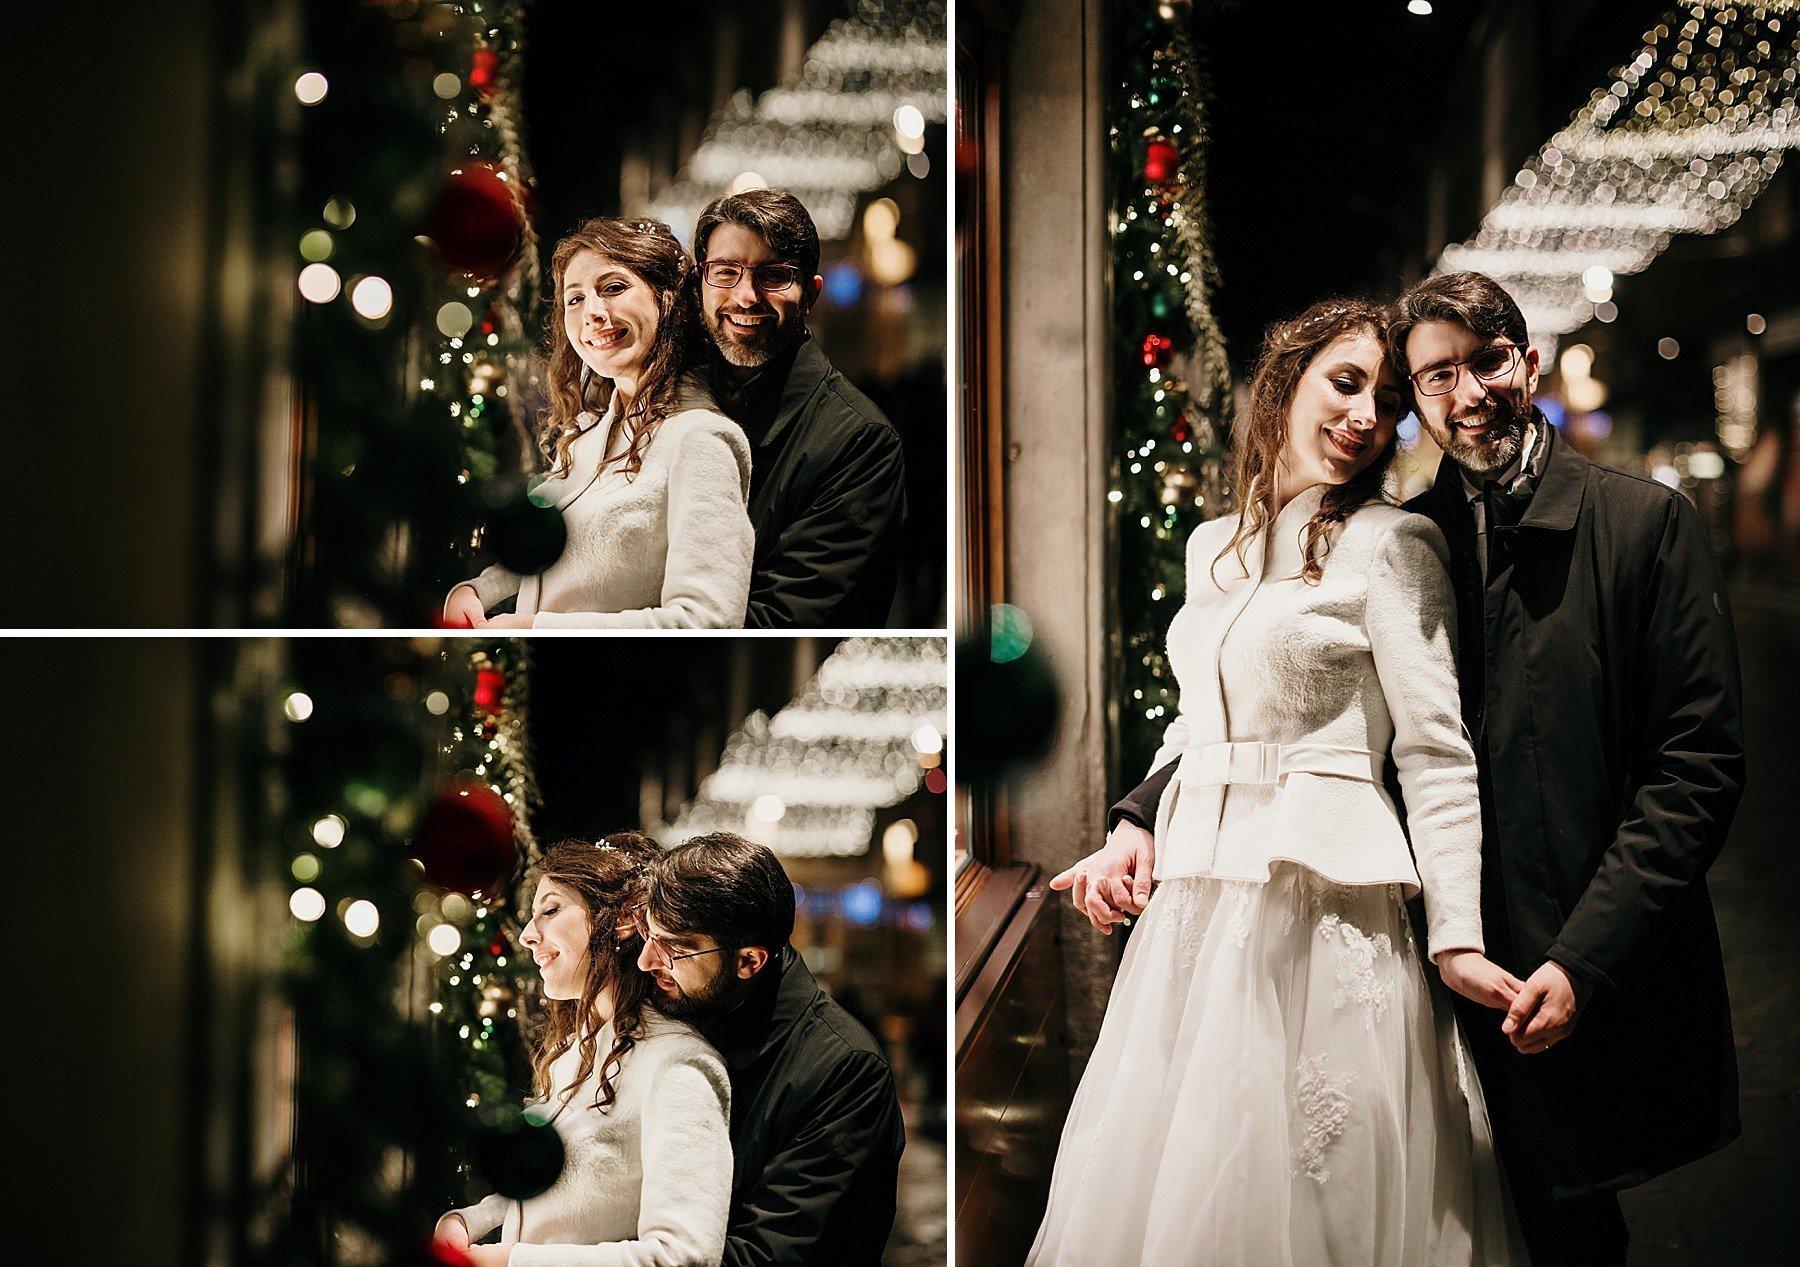 fotografia di matrimonio a firenze in inverno 775